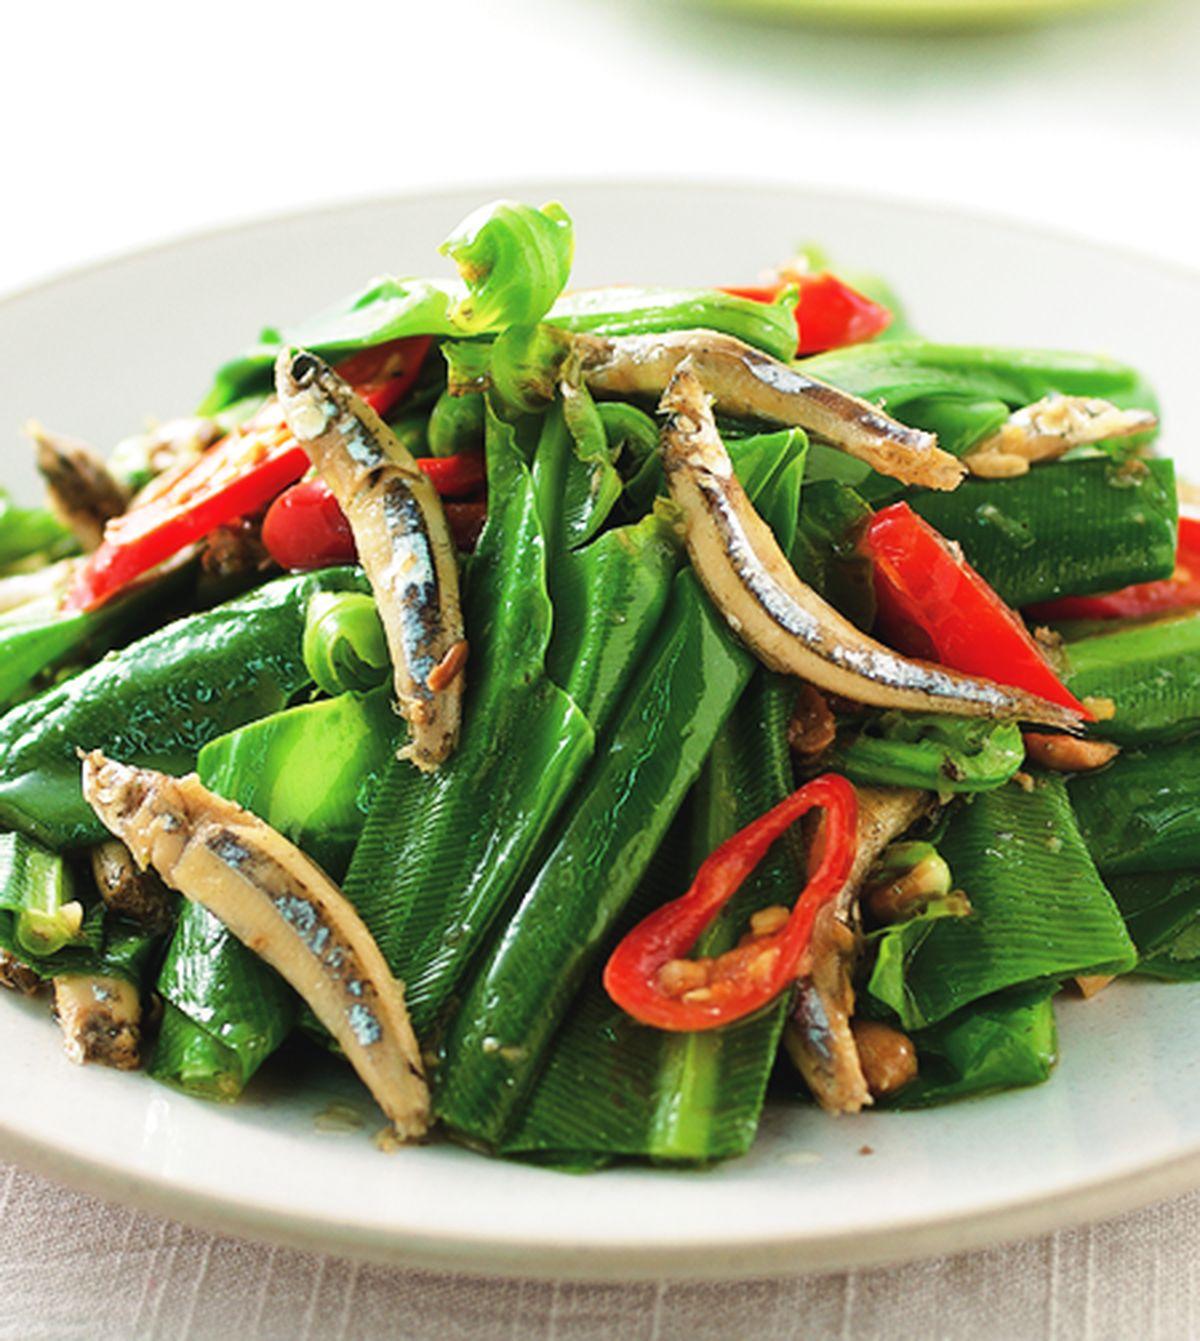 食譜:山蘇炒丁香